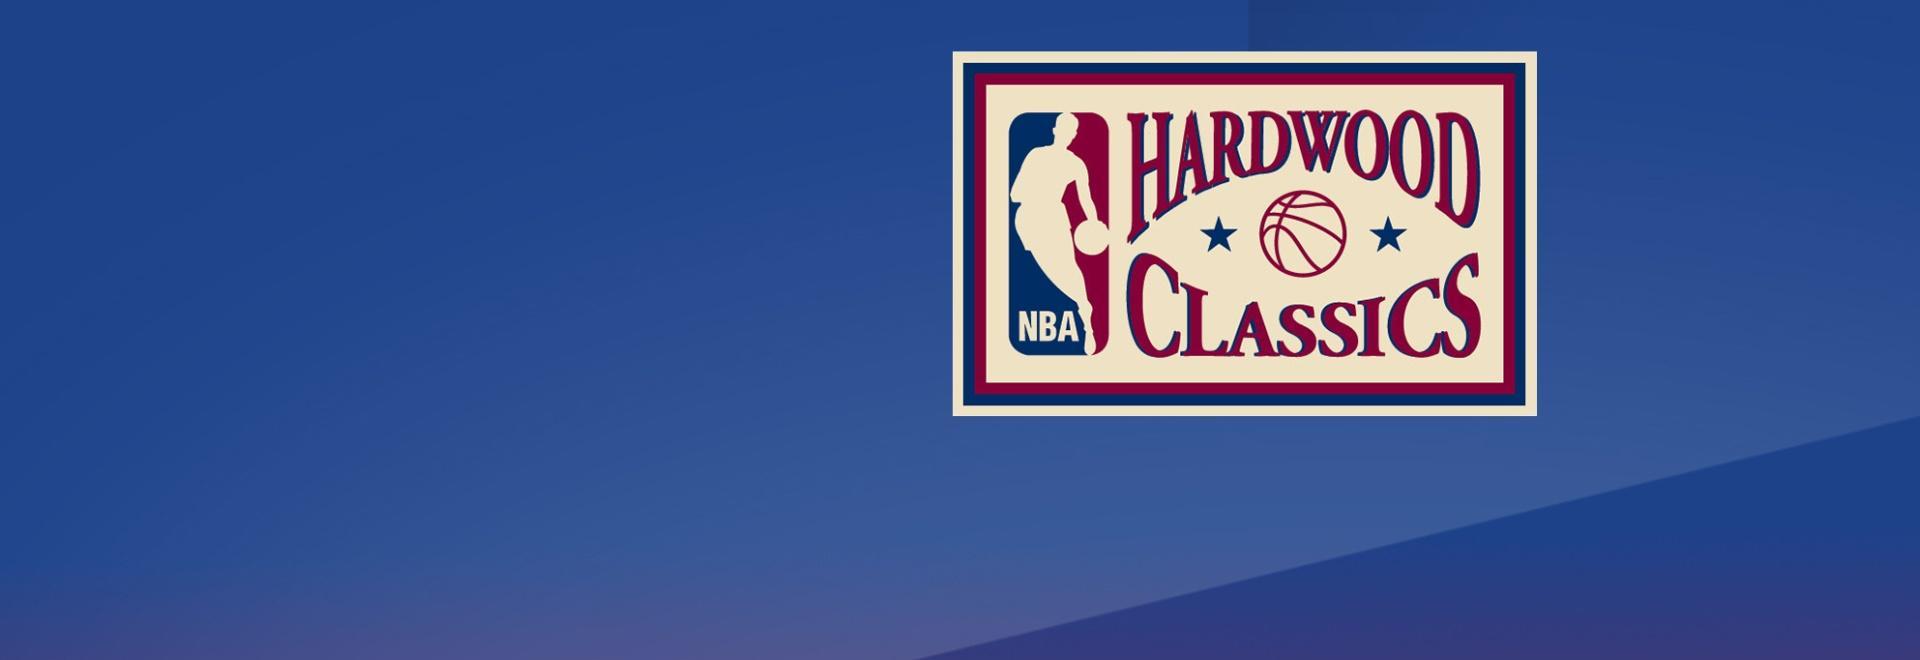 Celtics - Rockets 1986. Finals Game 3